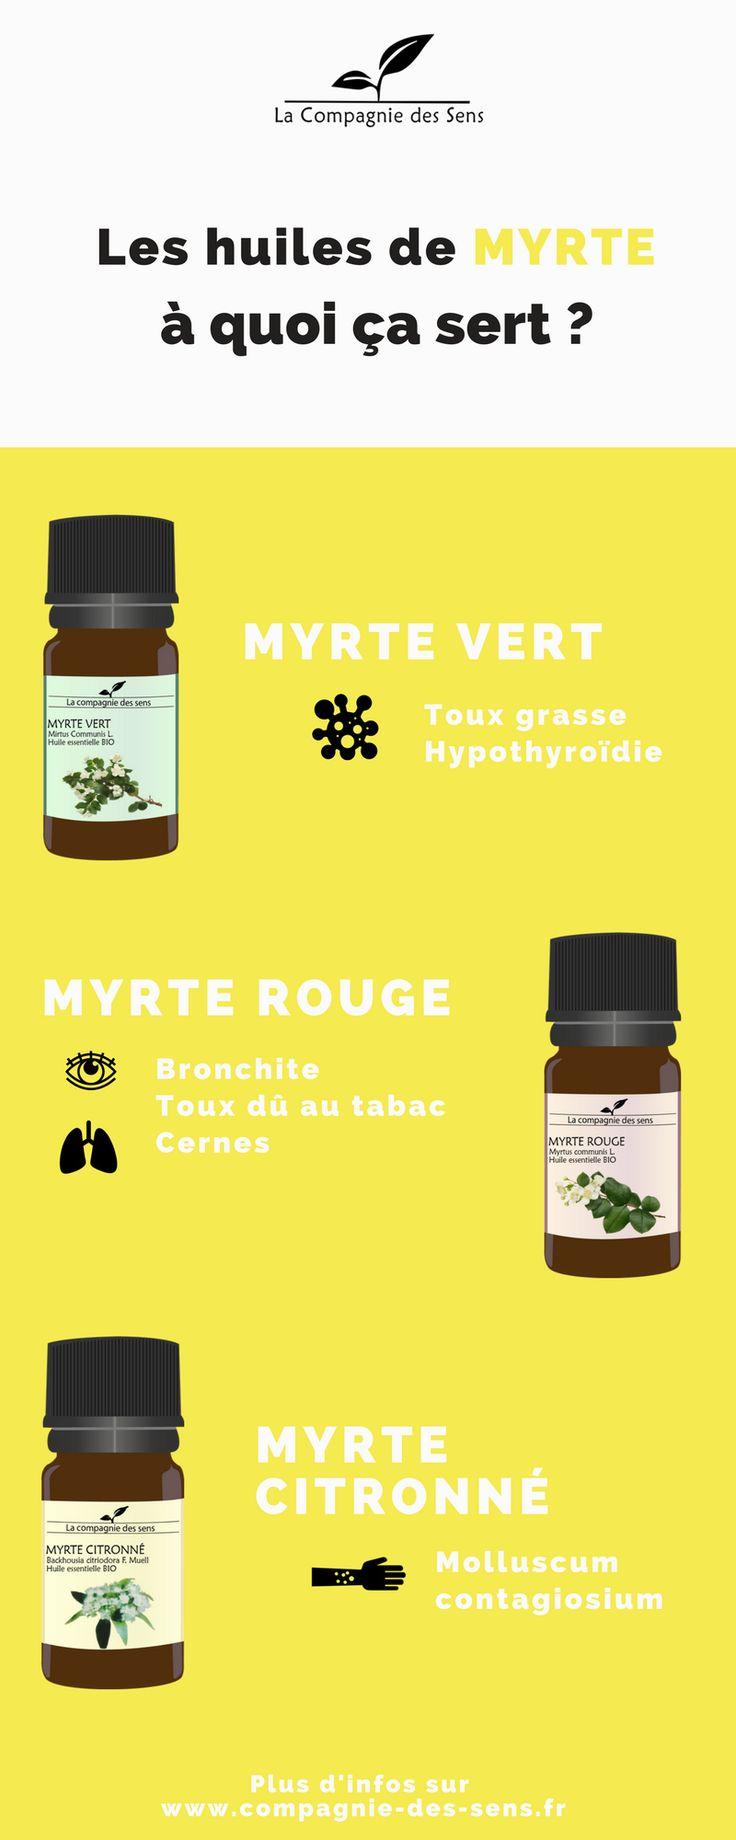 Le Myrte est lui un arbuste haut de 2 à 3 m, et fait partie de la famille des Myrtaceae. Pour les plus coriaces, ils pourront vivre jusqu'à 300 ans ! Les huiles essentielles de Myrte ont des spécificités différentes et vous pouvez en savoir un peu directement sur notre site internet ! #huilesessentielles